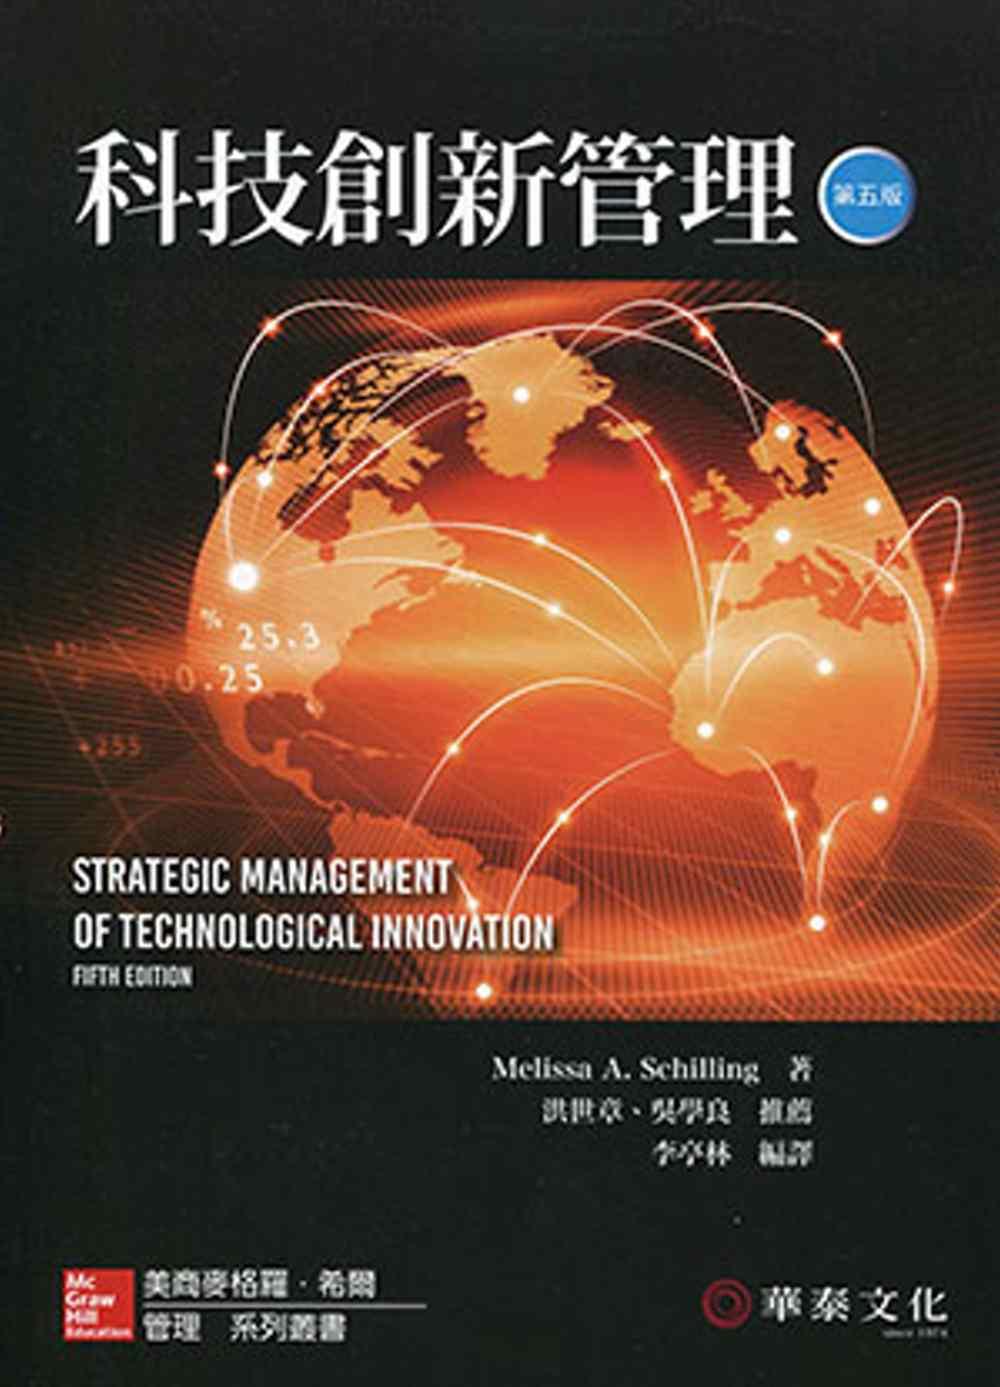 科技創新管理(5版)